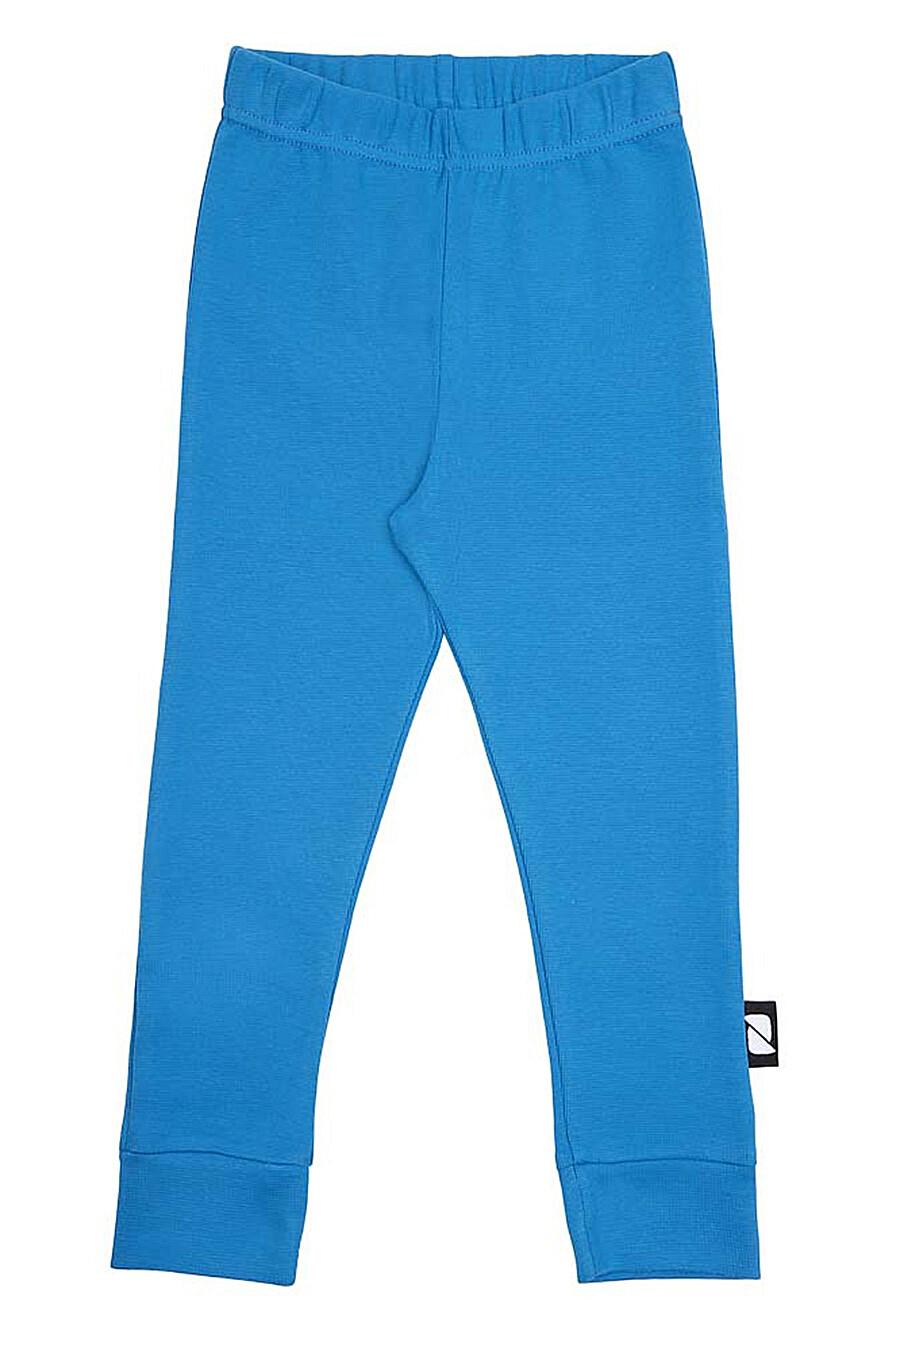 Леггинсы для девочек BODO 288750 купить оптом от производителя. Совместная покупка детской одежды в OptMoyo